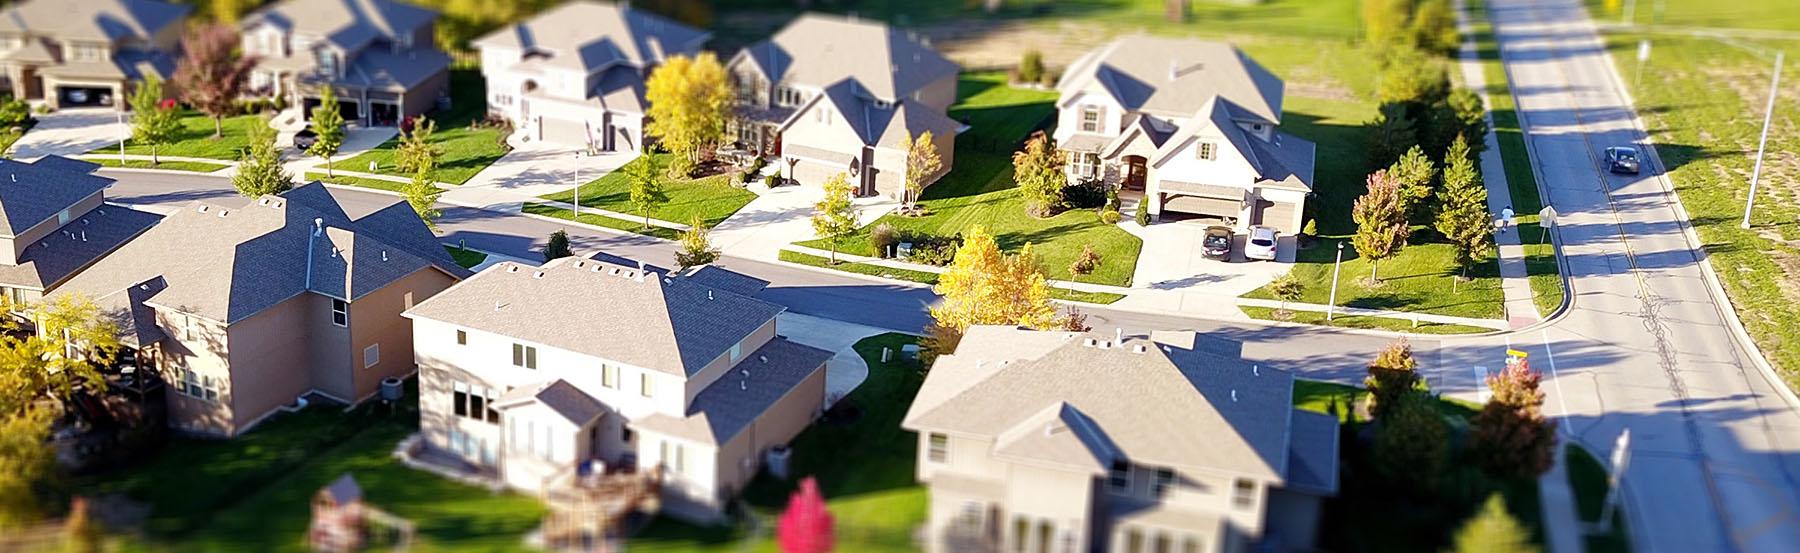 Nuo nekilnojamojo turto pardavimo iki būsto rakto įteikimo!